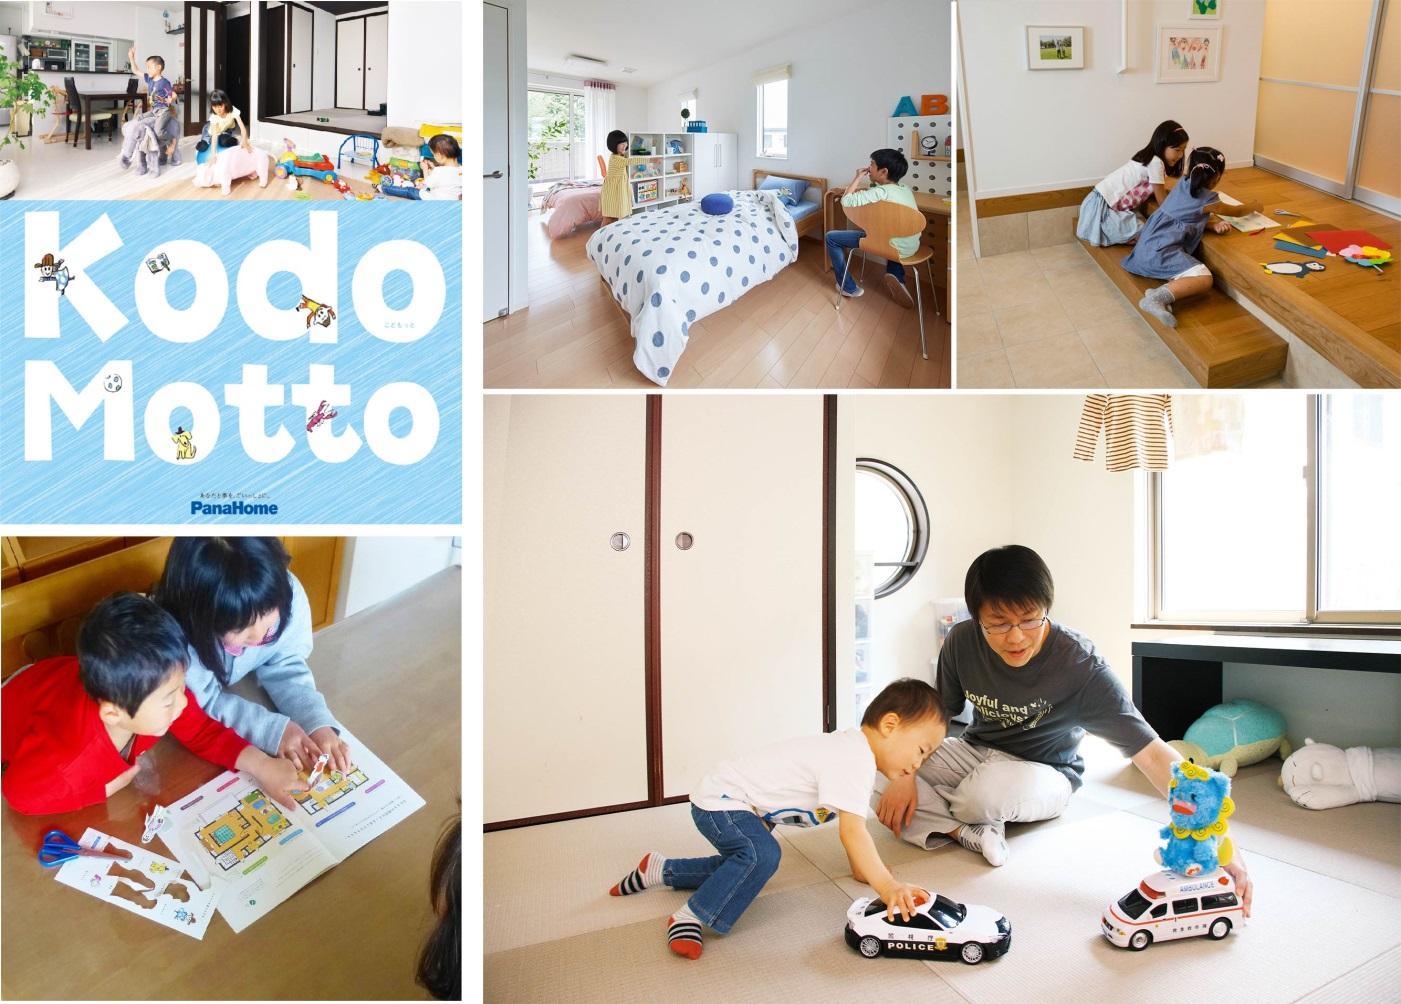 第10回キッズデザイン賞でパナソニックグループの「KodoMotto(こどもっと)」が特別賞を受賞